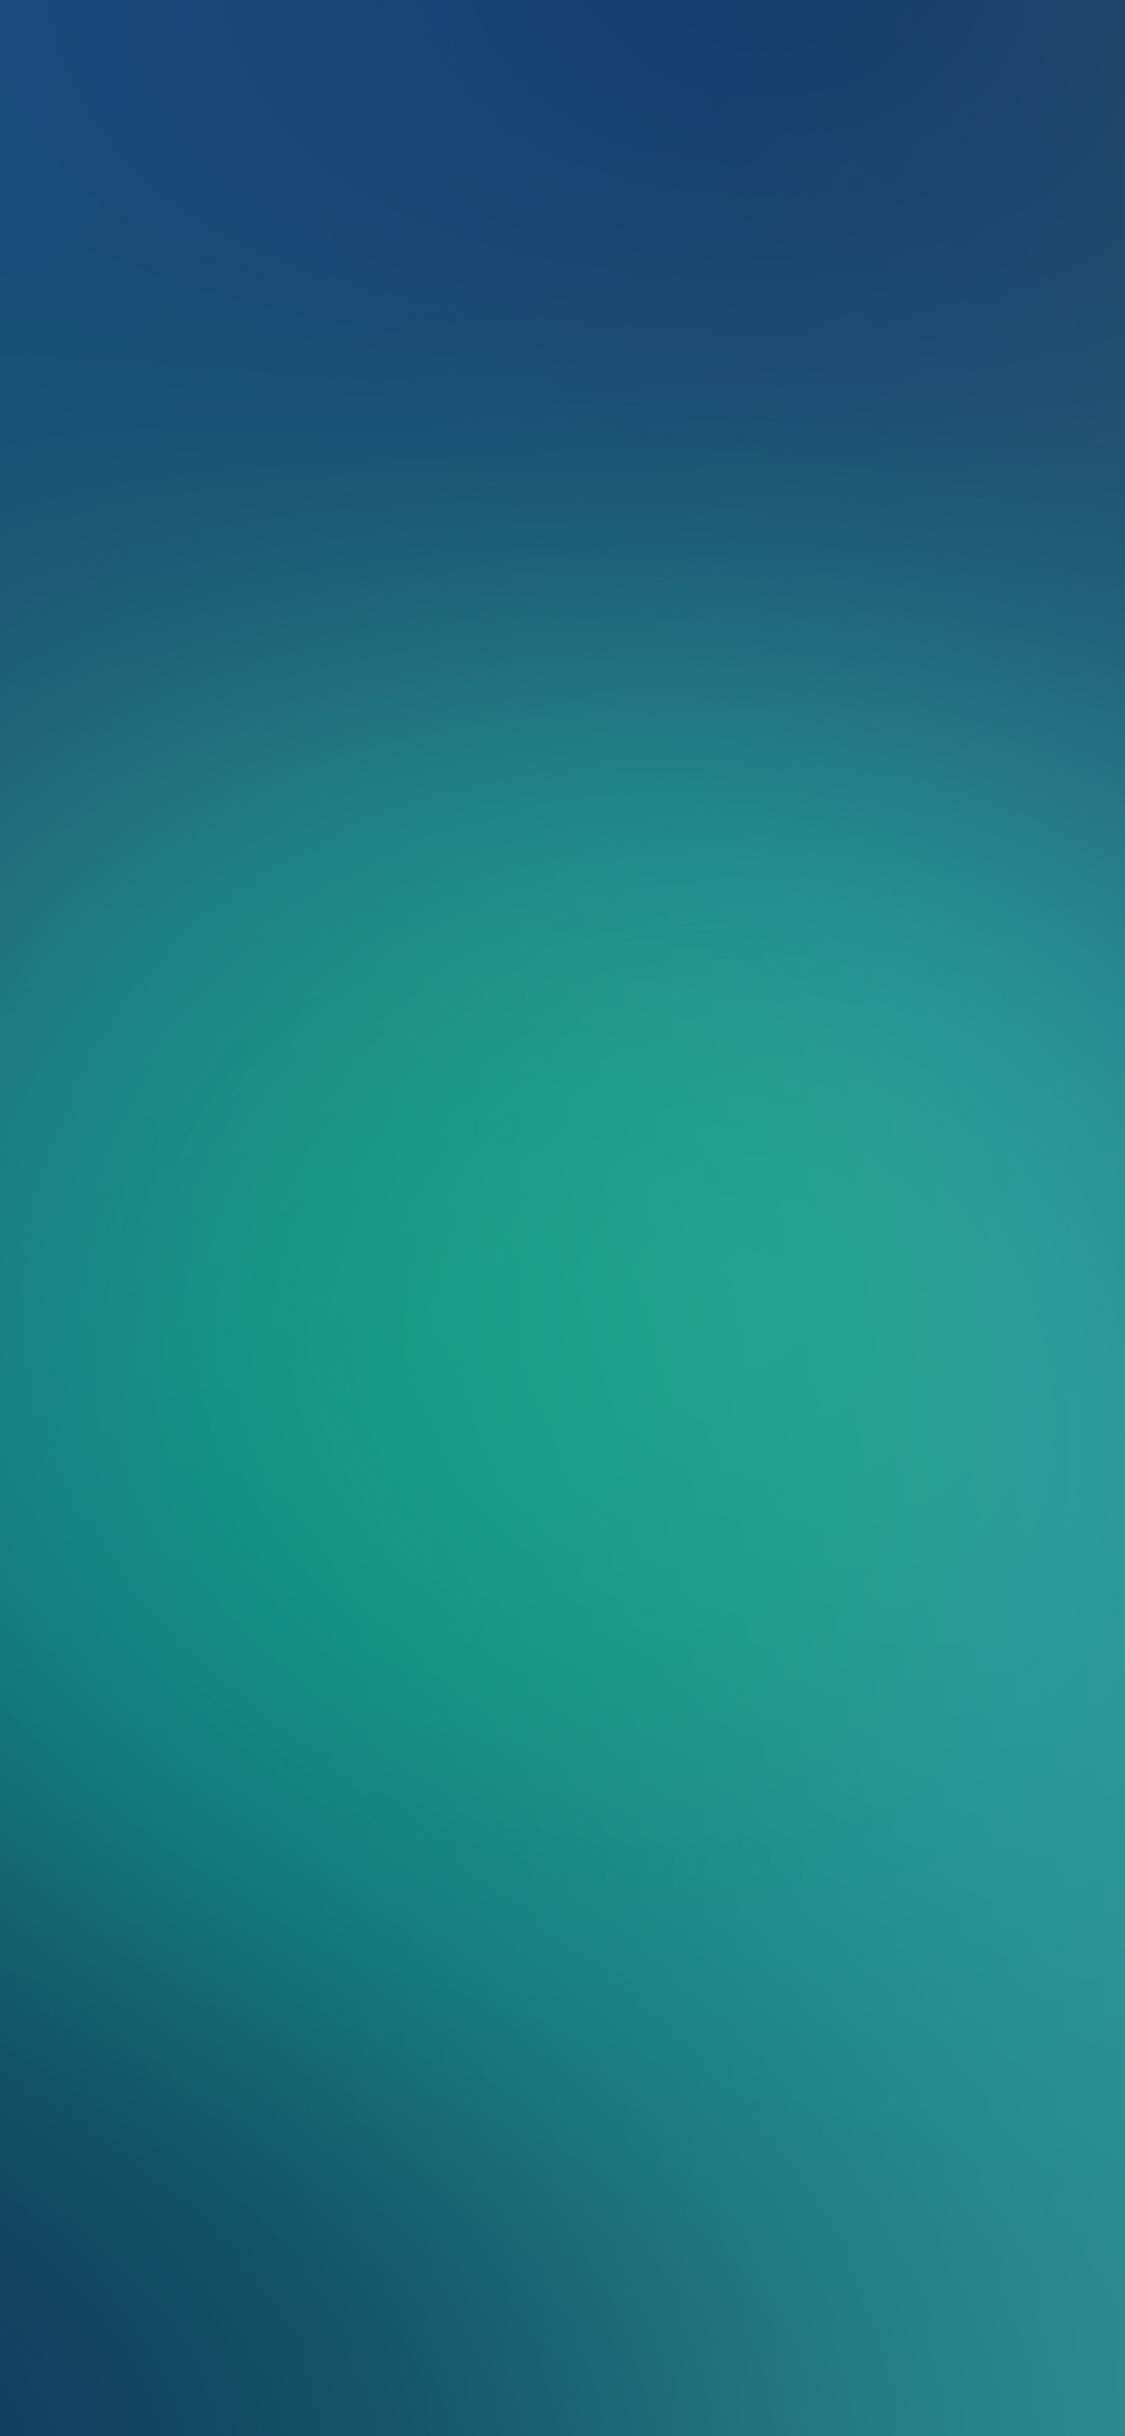 iPhoneXpapers.com-Apple-iPhone-wallpaper-sb67-wallpaper-blues-blur